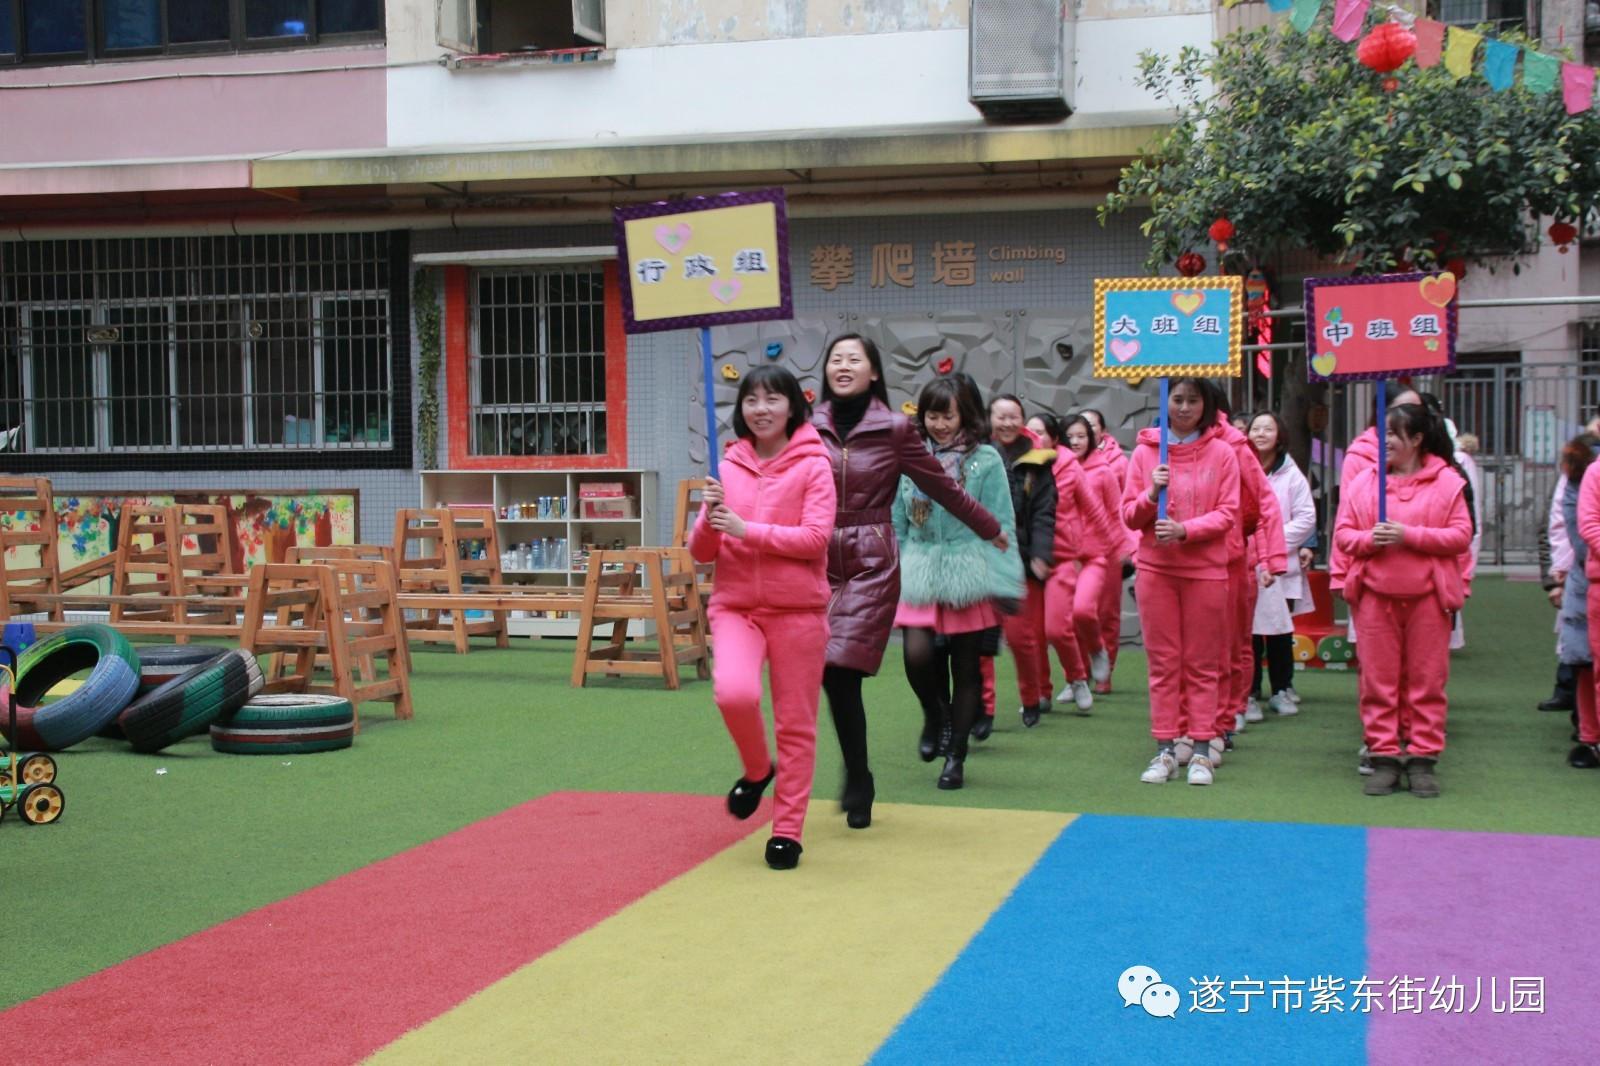 提振精神 走进新时代——记紫东街幼儿园教职工趣味运动会图片